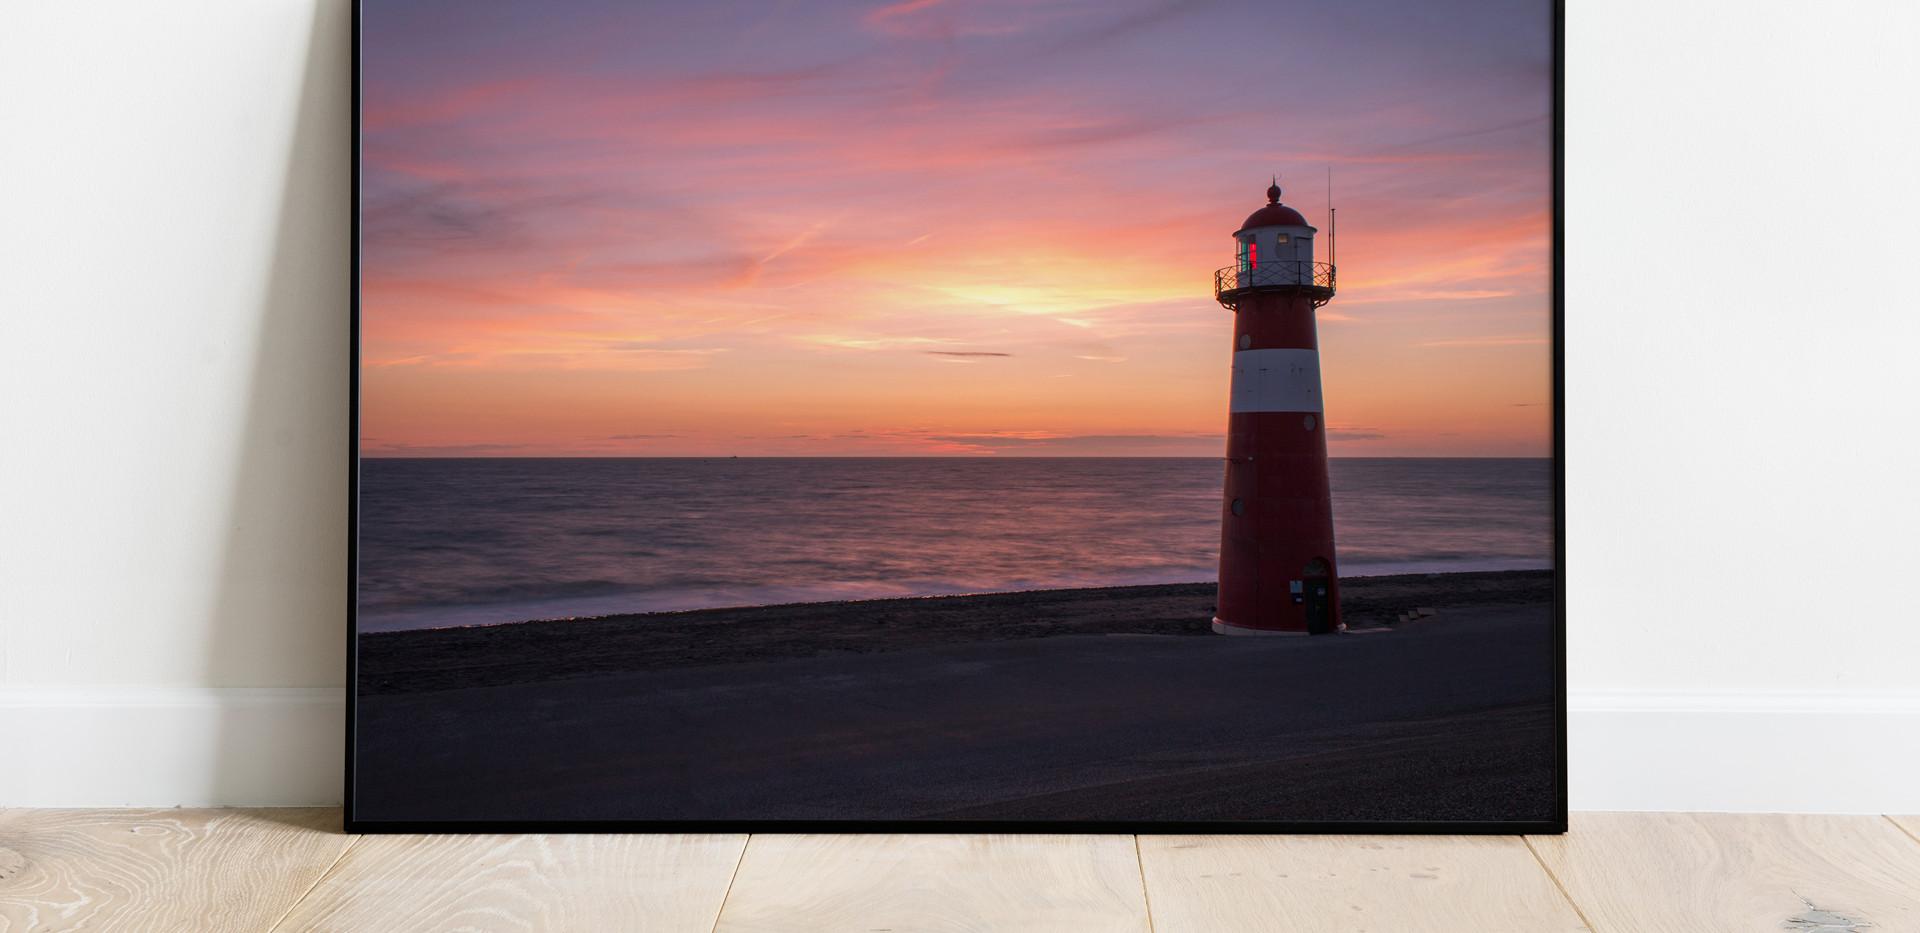 leuchtturm-holland-sonnenuntergang.jpg